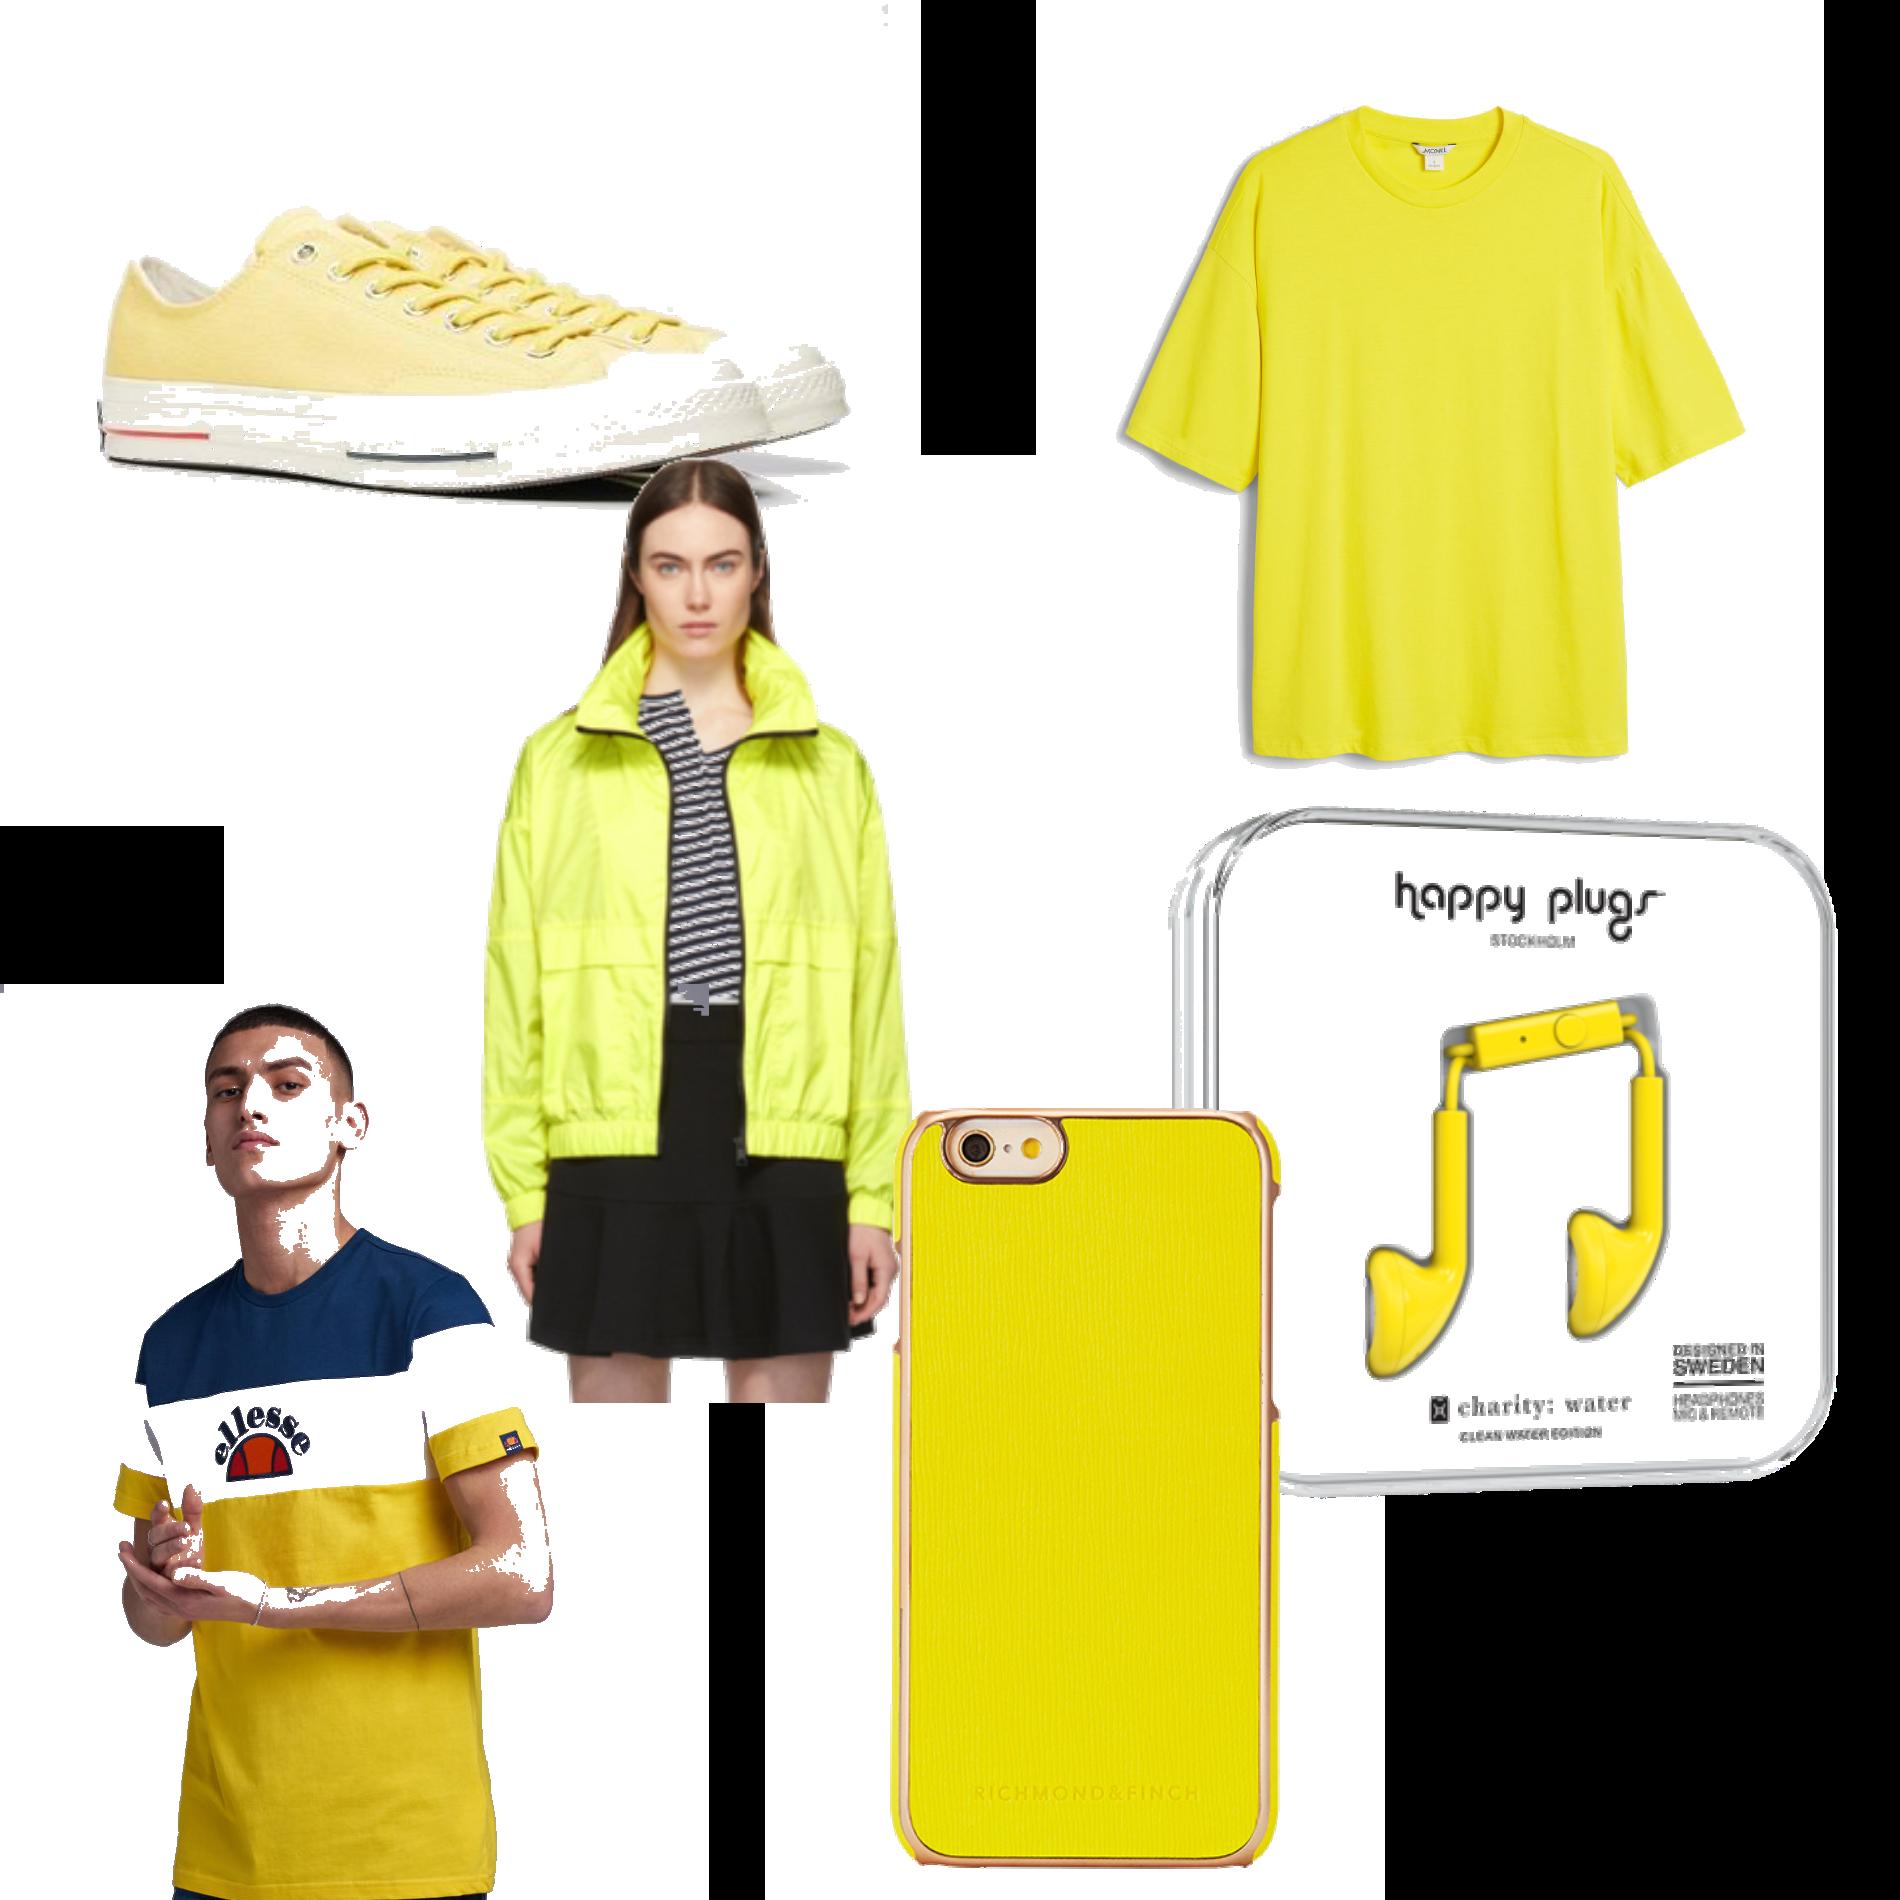 gult är inte fult